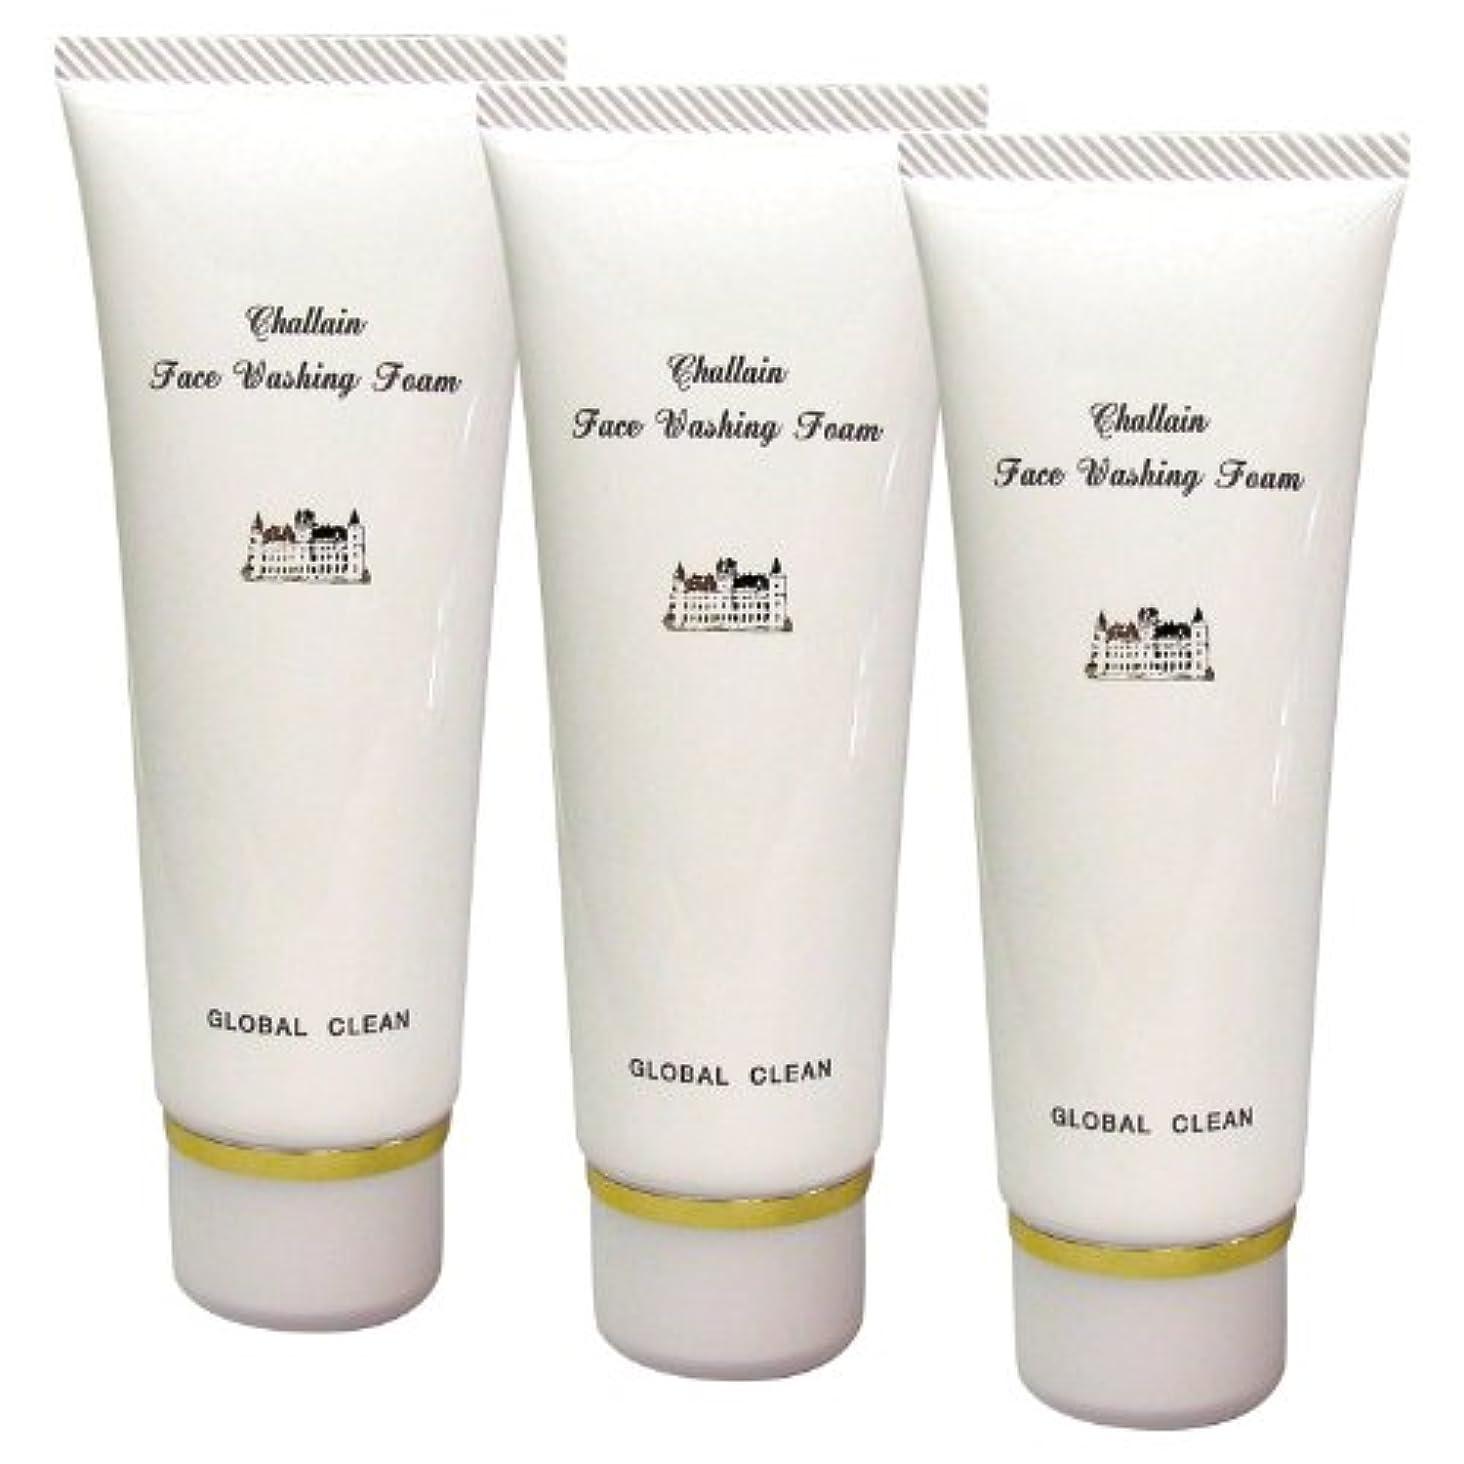 ブルジョン振りかける起こりやすい油脂と製法にこだわった熟成洗顔フォーム! シャラン洗顔フォーム 3個組